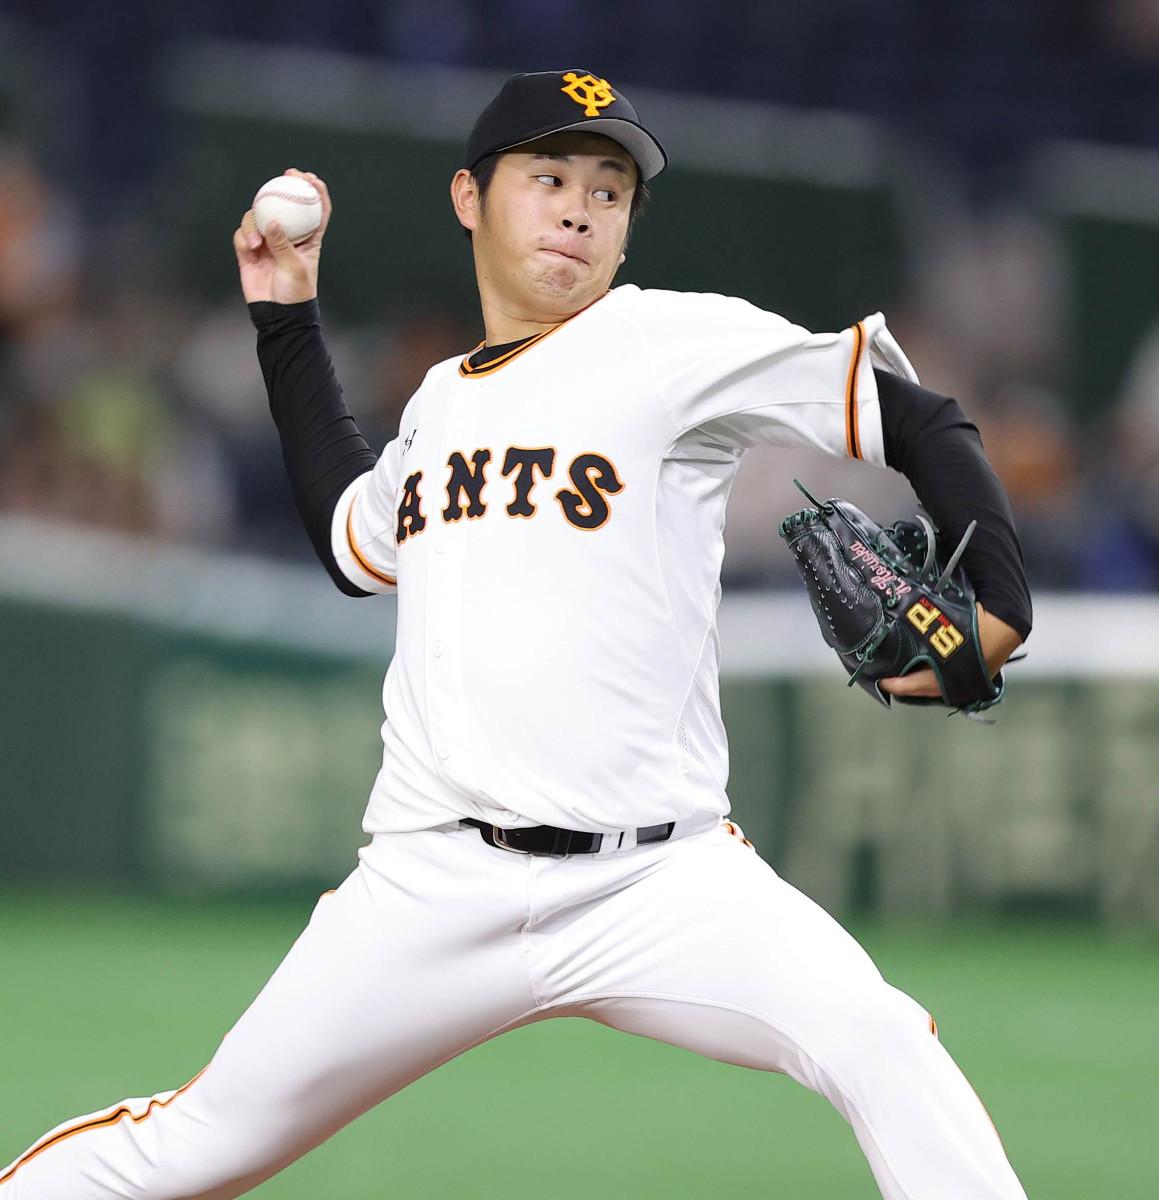 6番手で力投する堀岡隼人